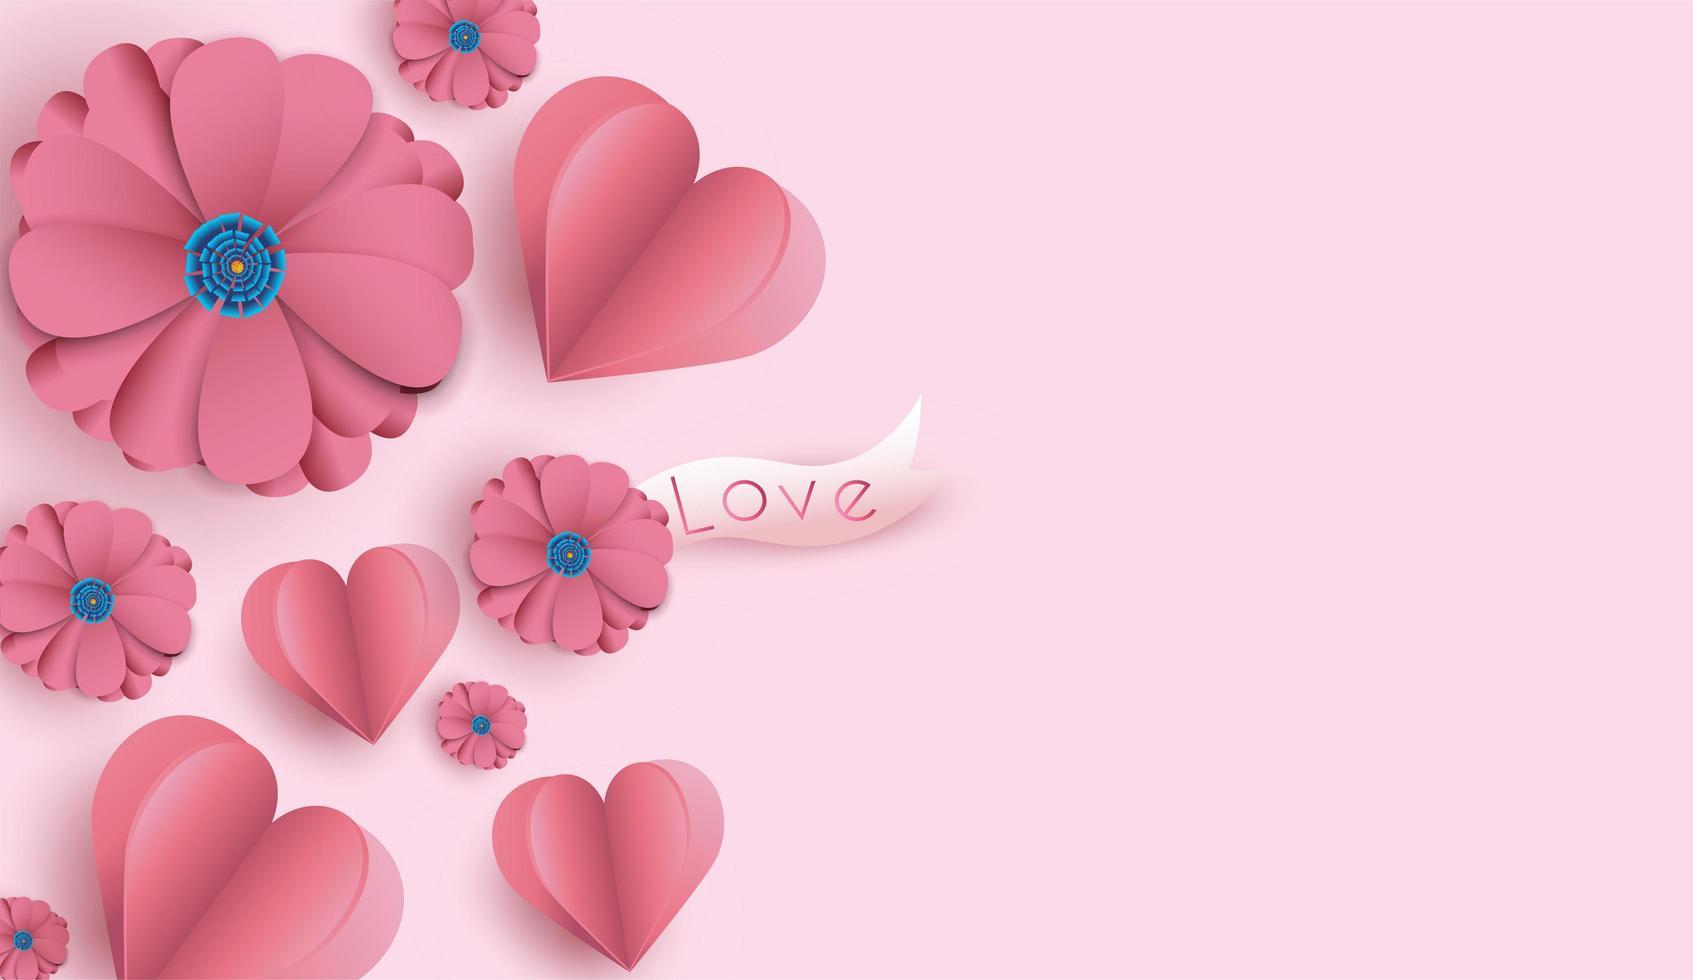 Aftelkalender voor Valentijnsdag achtergrond met papier snijbloemen en harten vector